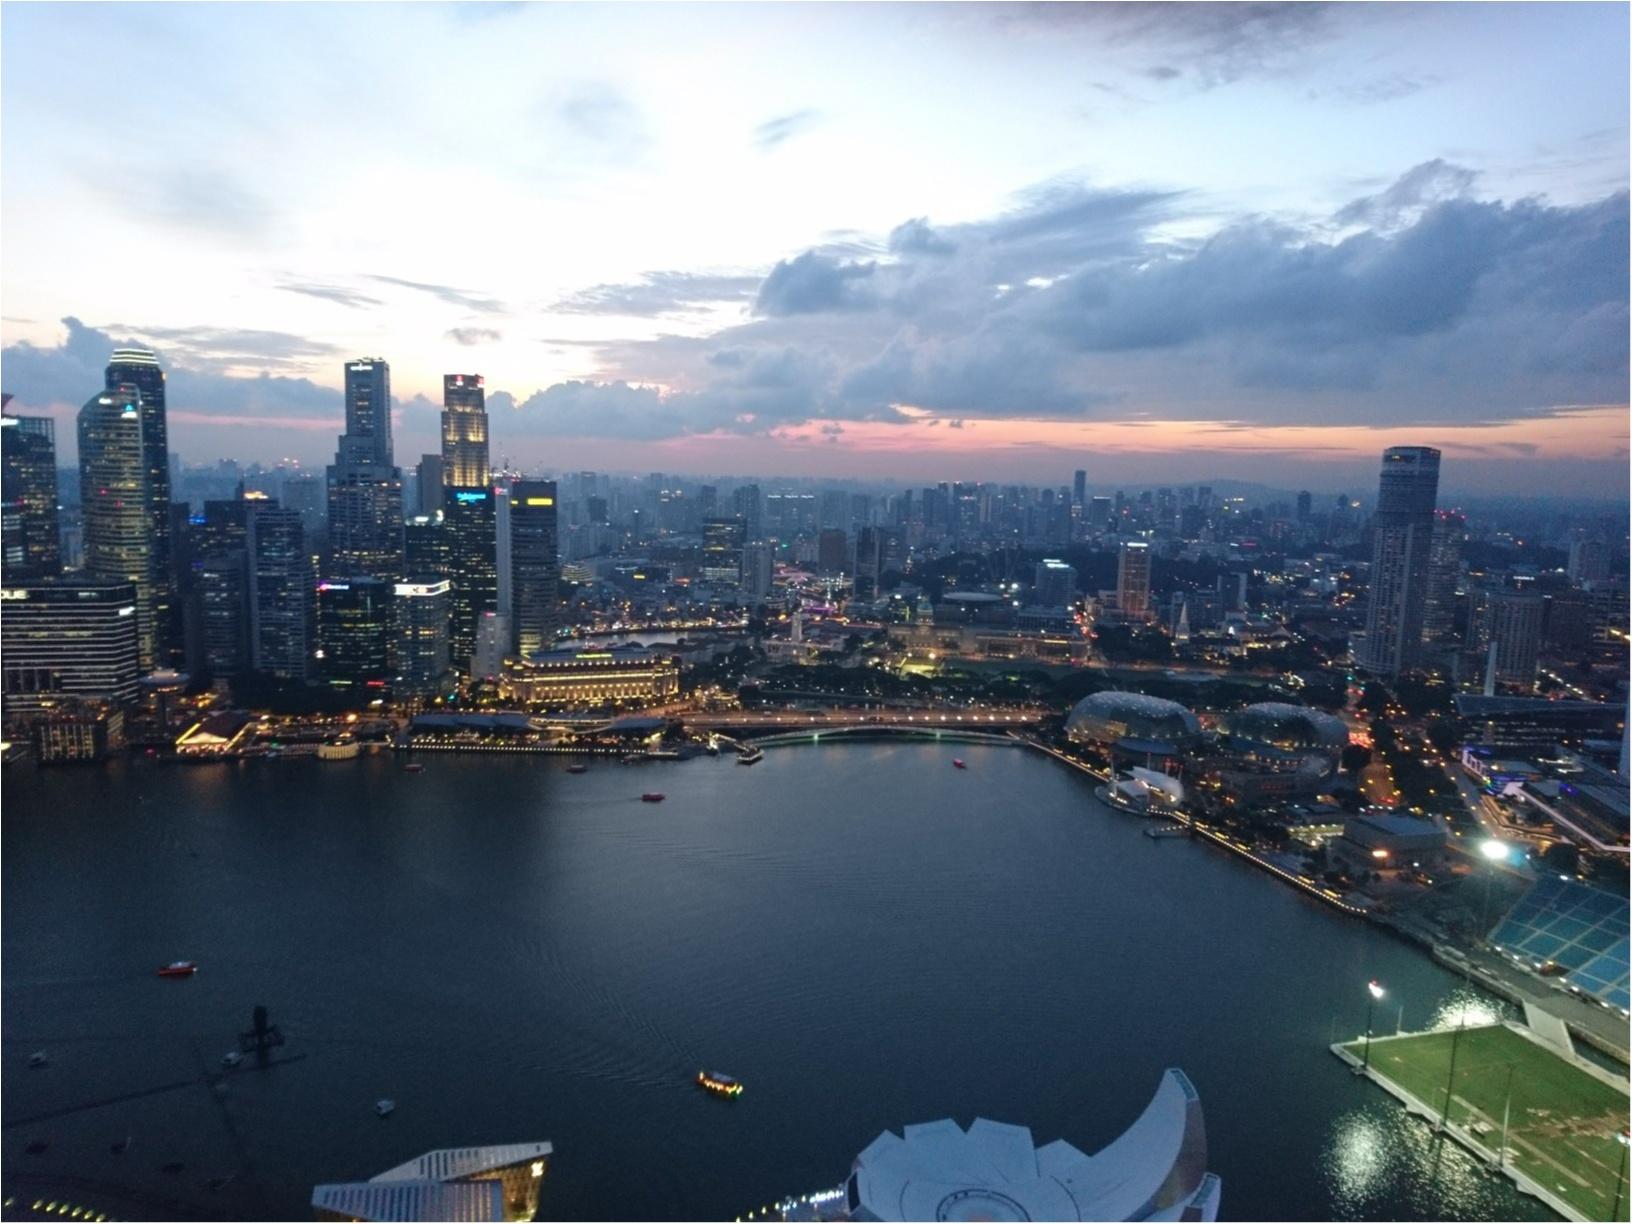 シンガポール女子旅特集 - 人気のマリーナベイ・サンズなどインスタ映えスポット、おいしいグルメがいっぱい♪_52